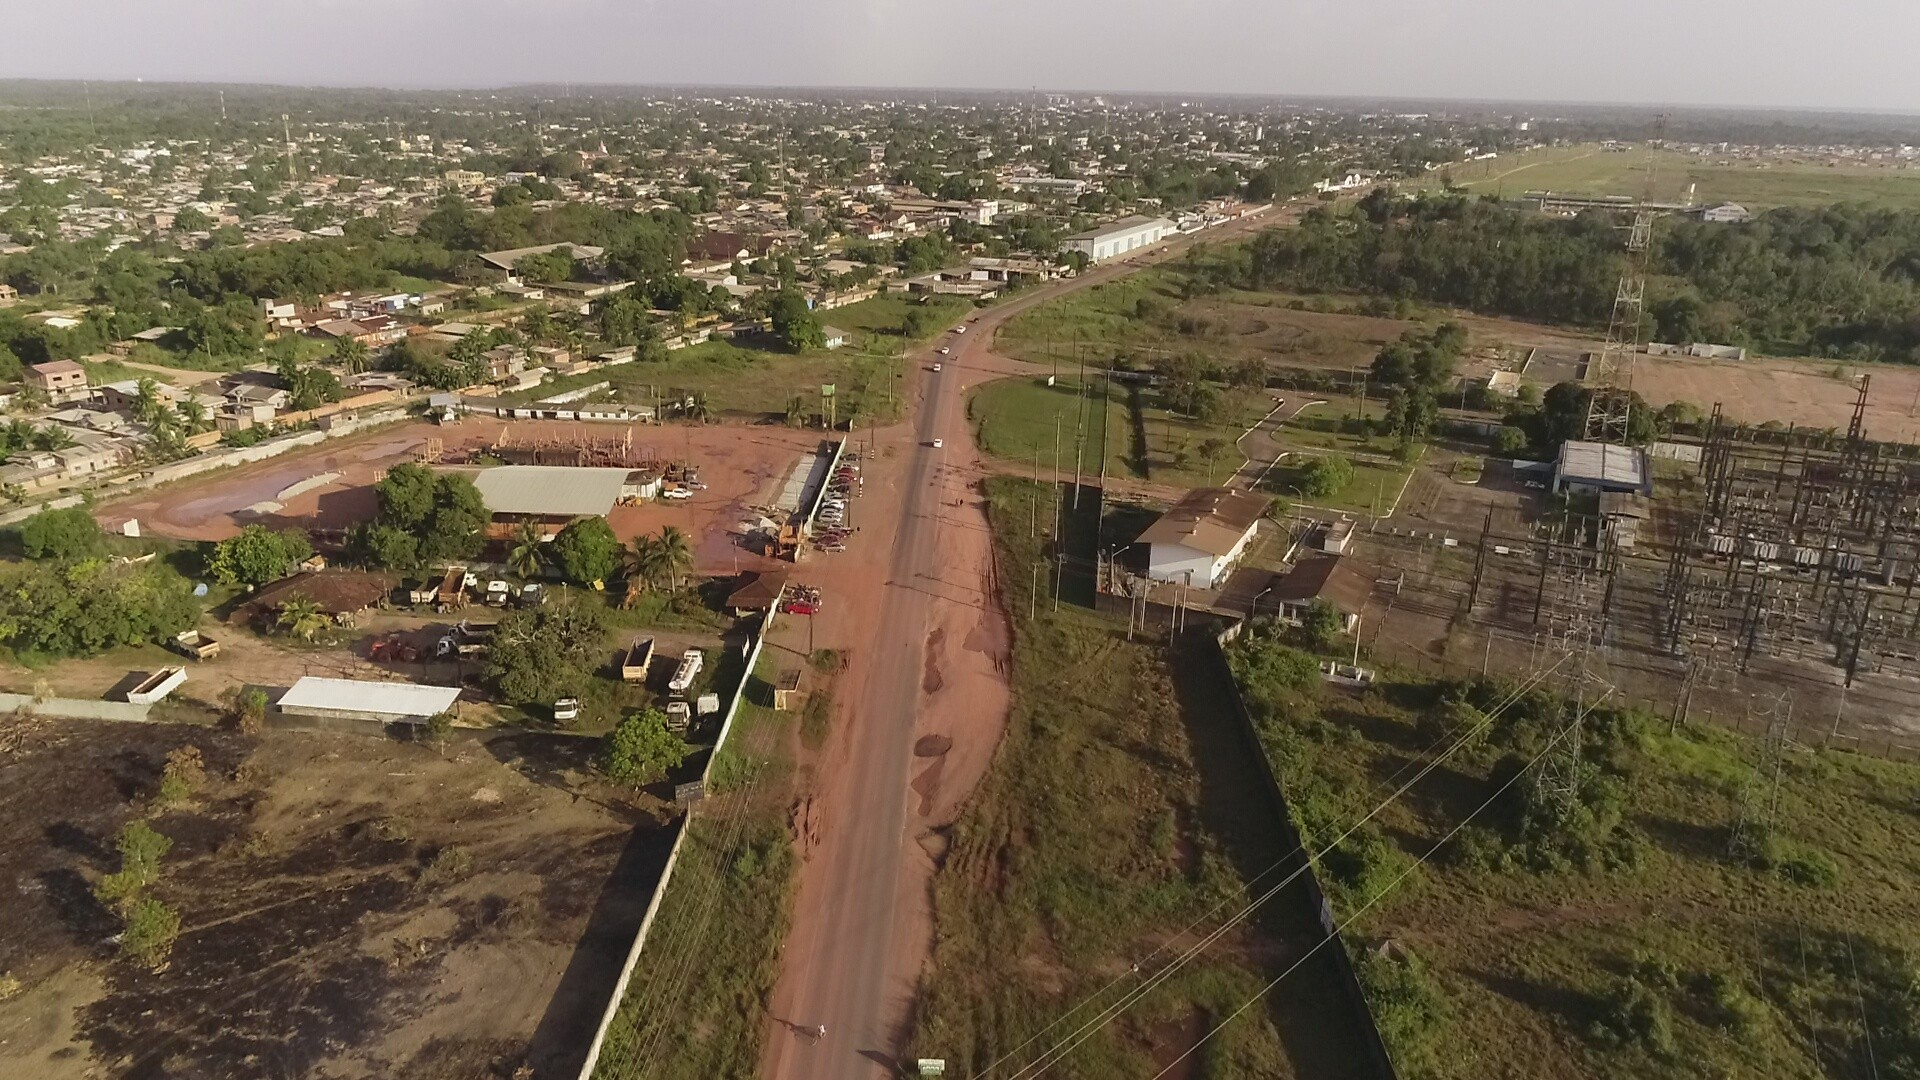 Obra duplica mais 10 quilômetros na Duca Serra para integrar região metropolitana no Amapá - Notícias - Plantão Diário